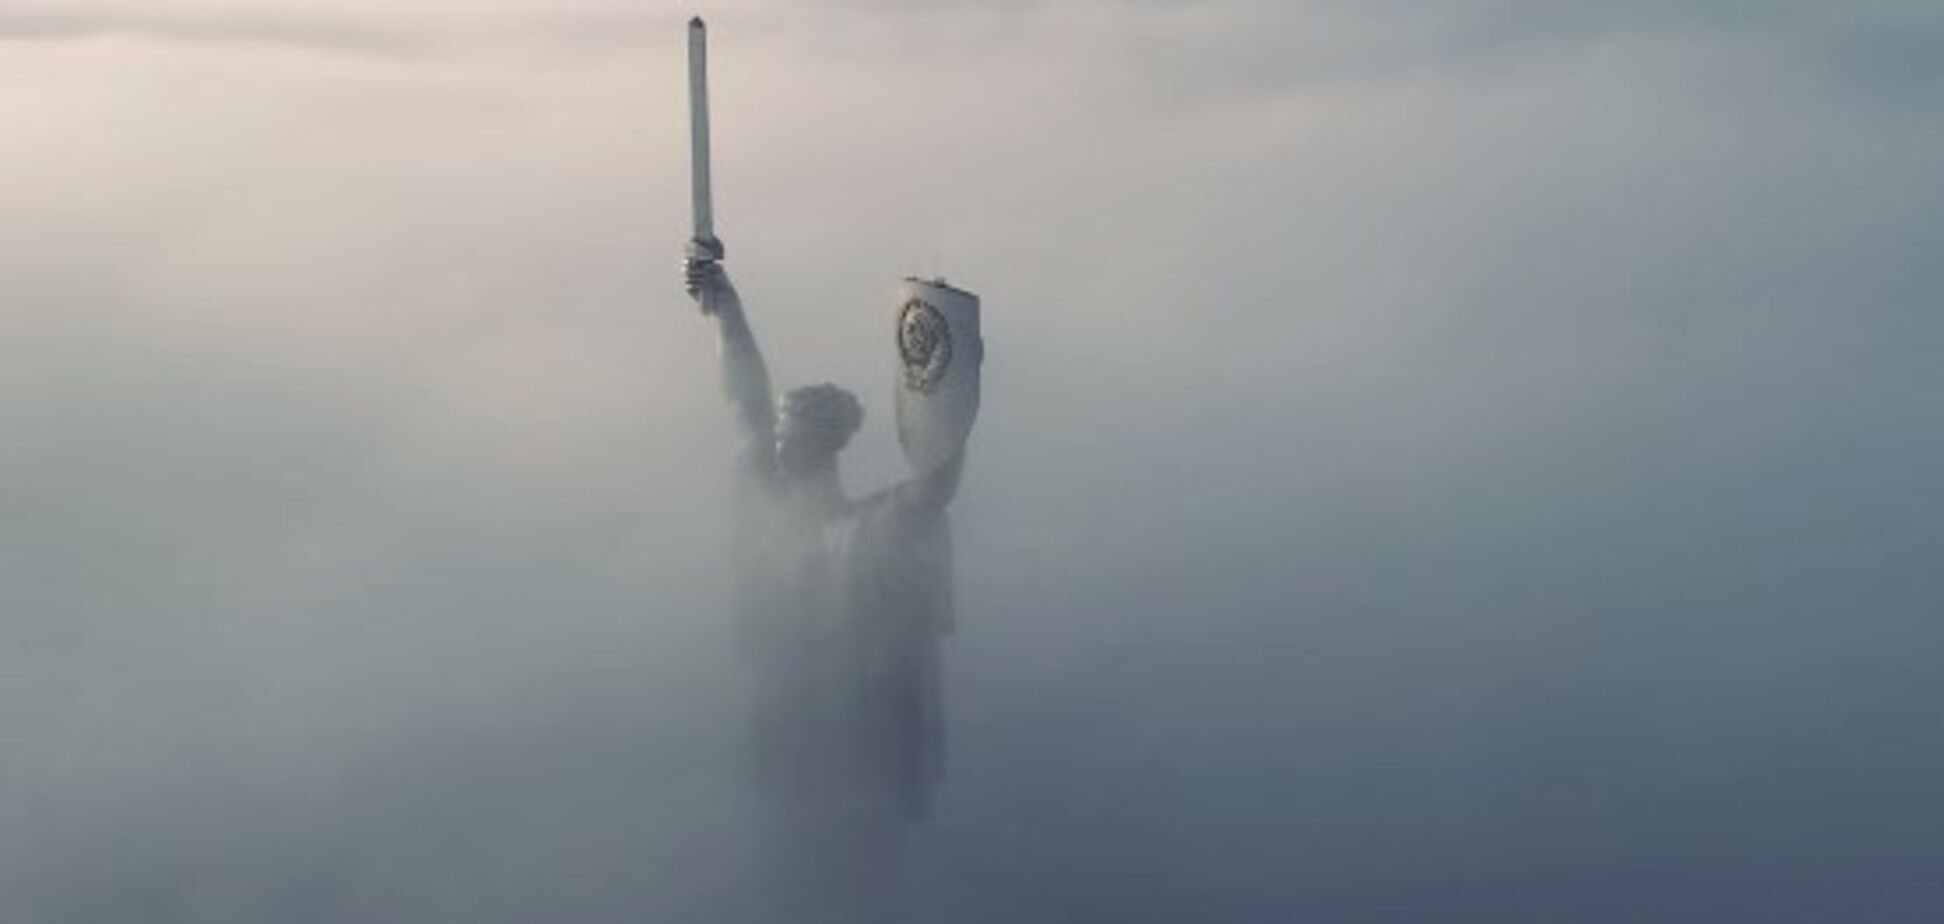 Київ у тумані: опубліковано вражаюче відео із квадрокоптера